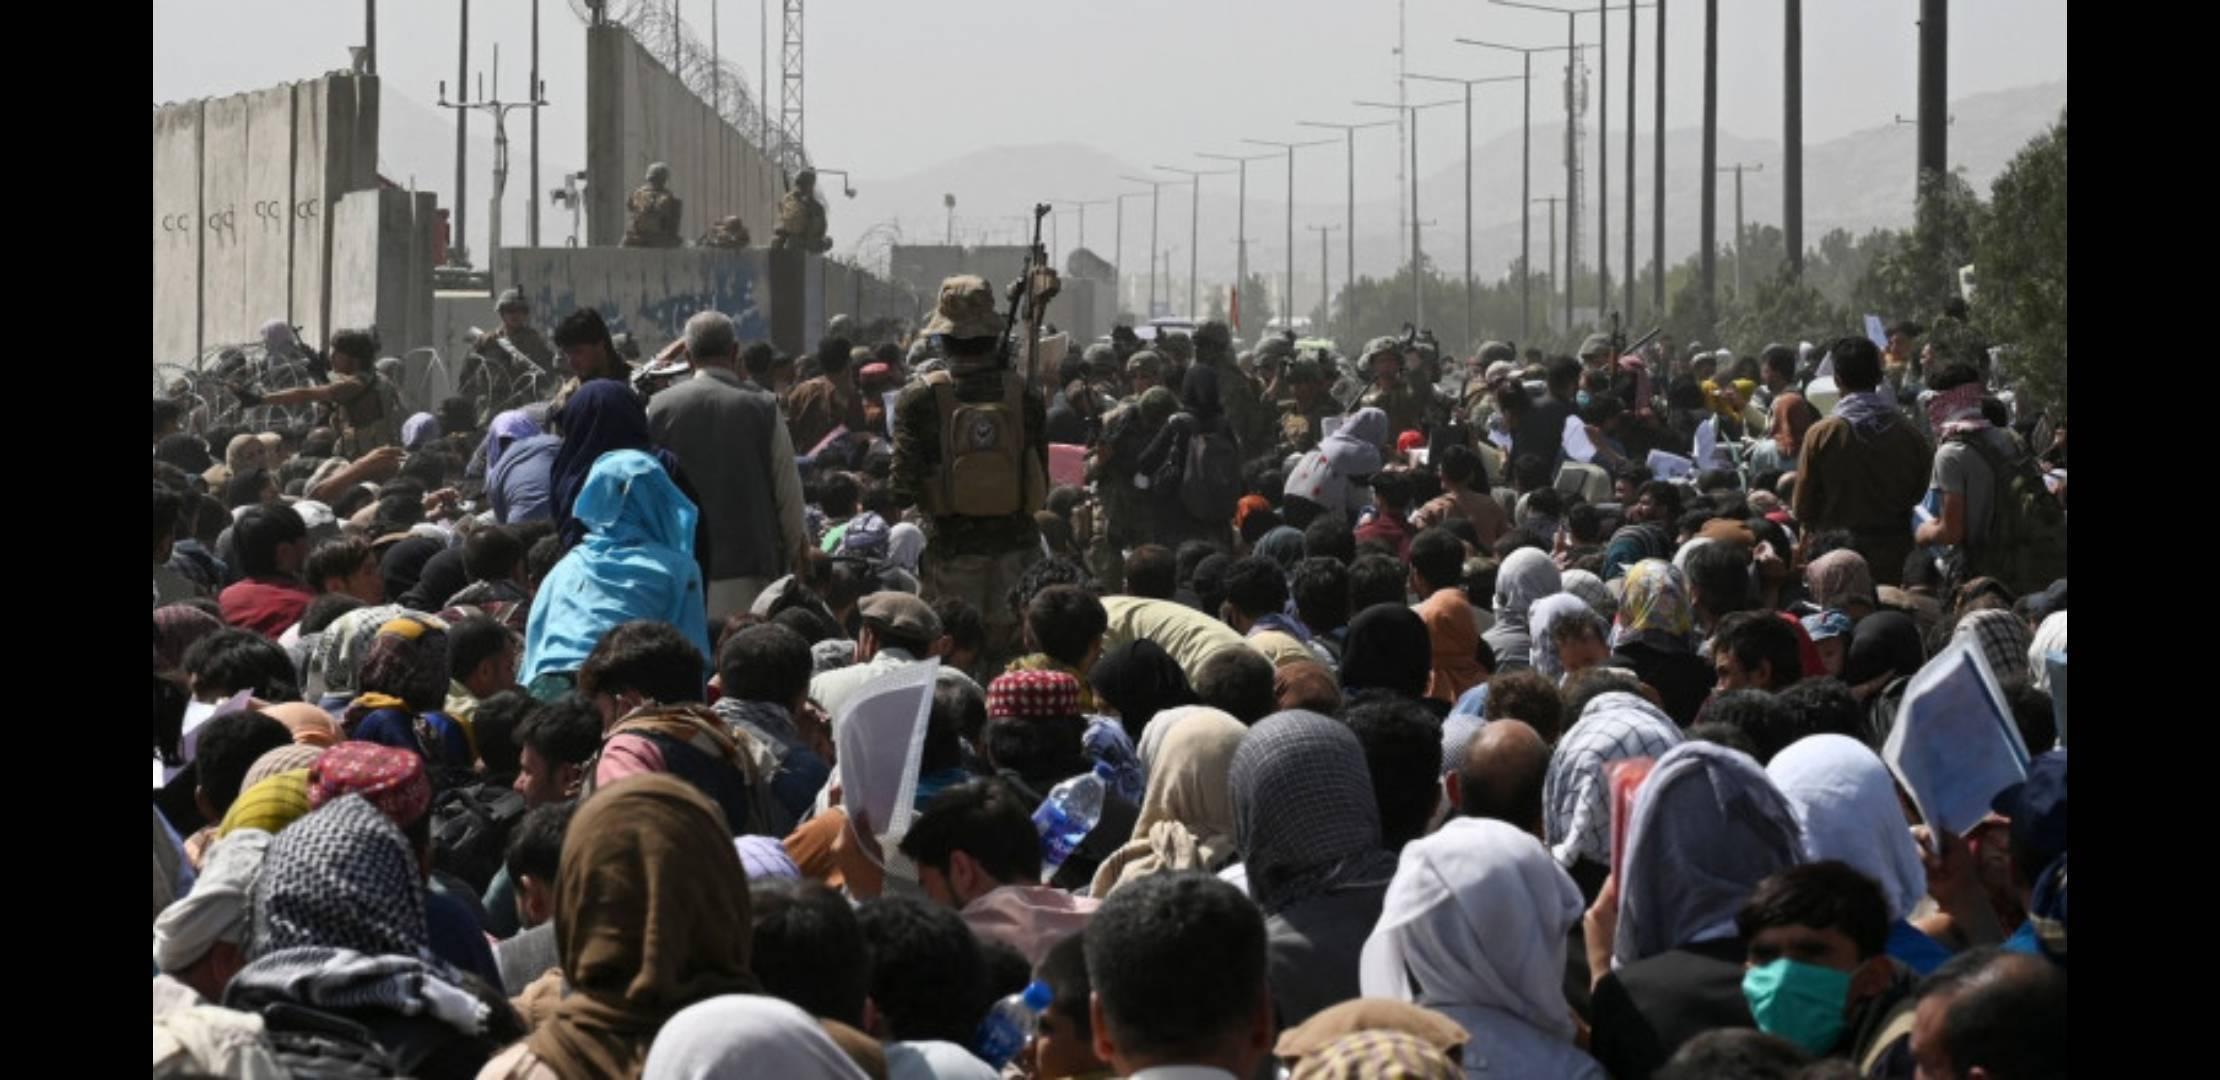 Pentagonul, la ora bilanțulului! Numărul deceselor provocate de explozia din Afganistan a ajuns la 110